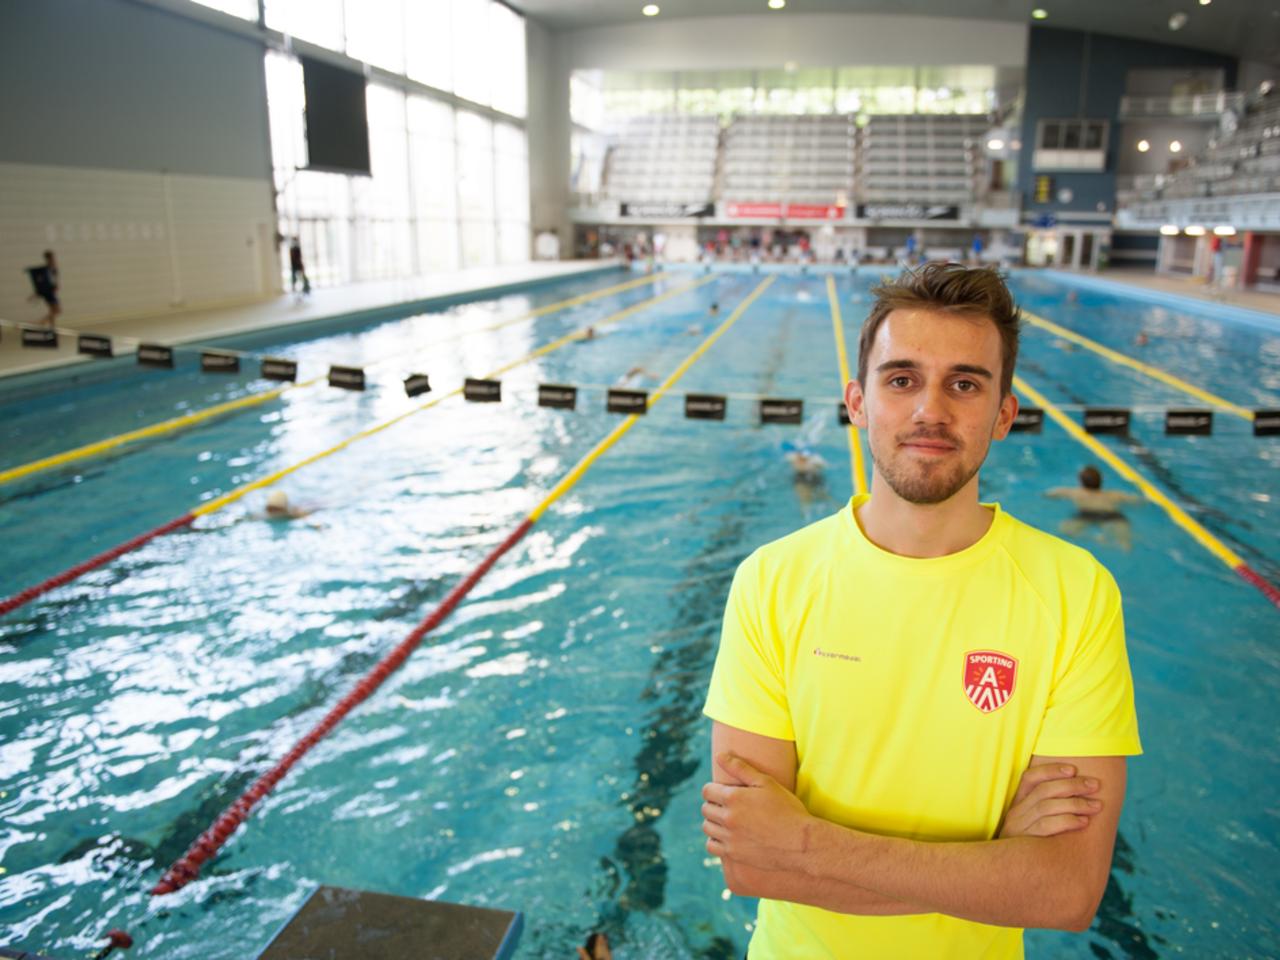 Redder-jobstudent Lukas in zwembad Wezenberg